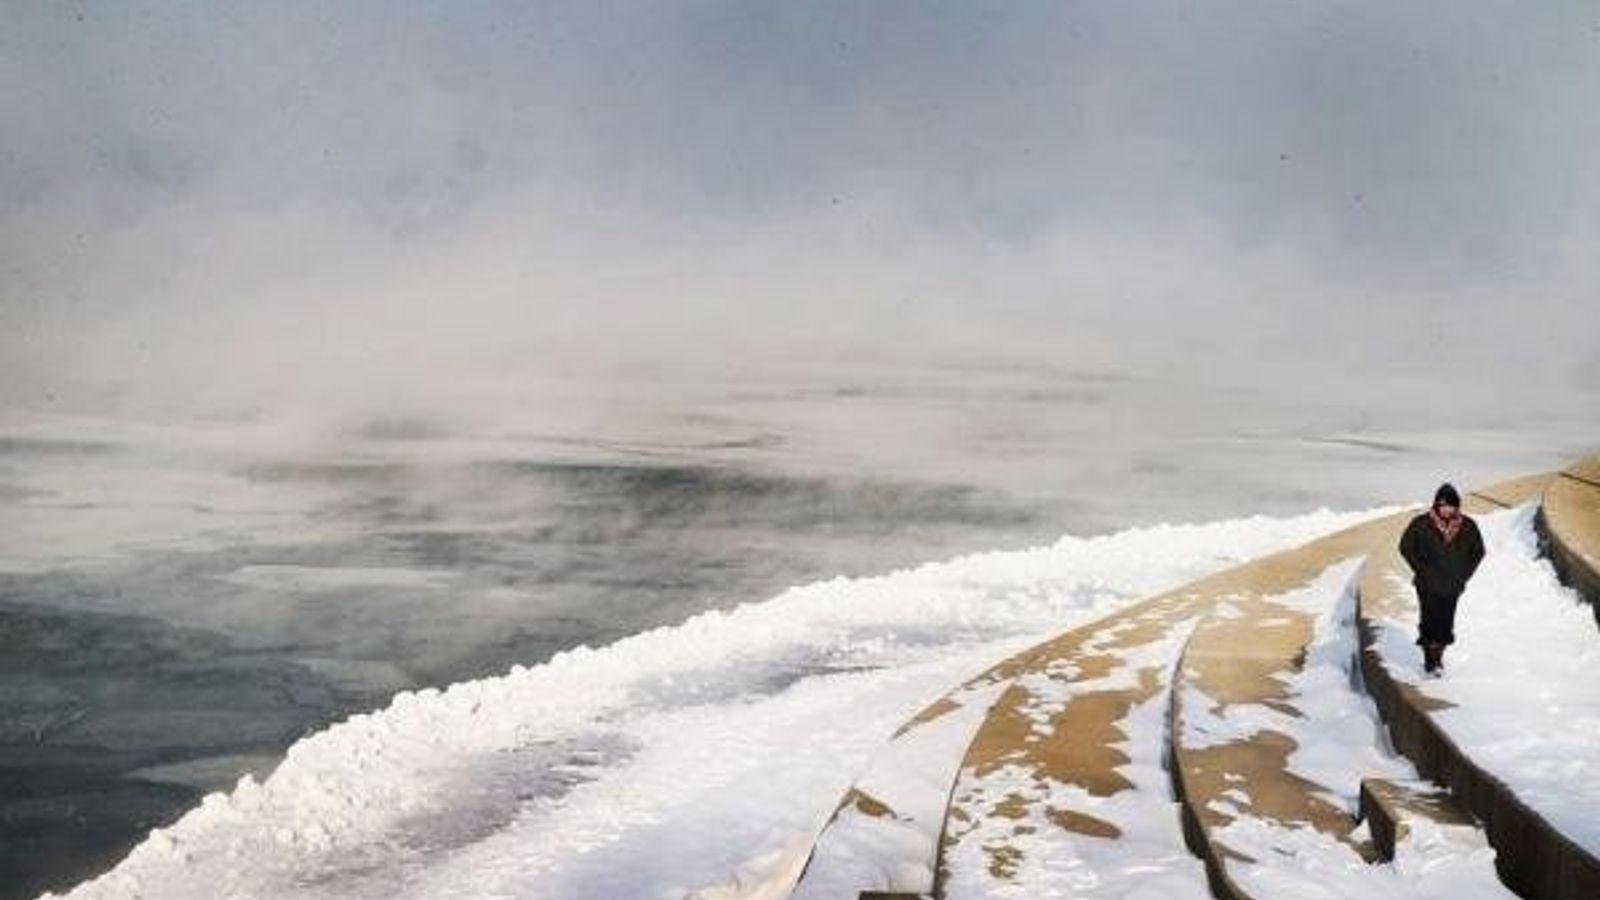 Niebla en el lago Michigan (Chicago, Illinois).